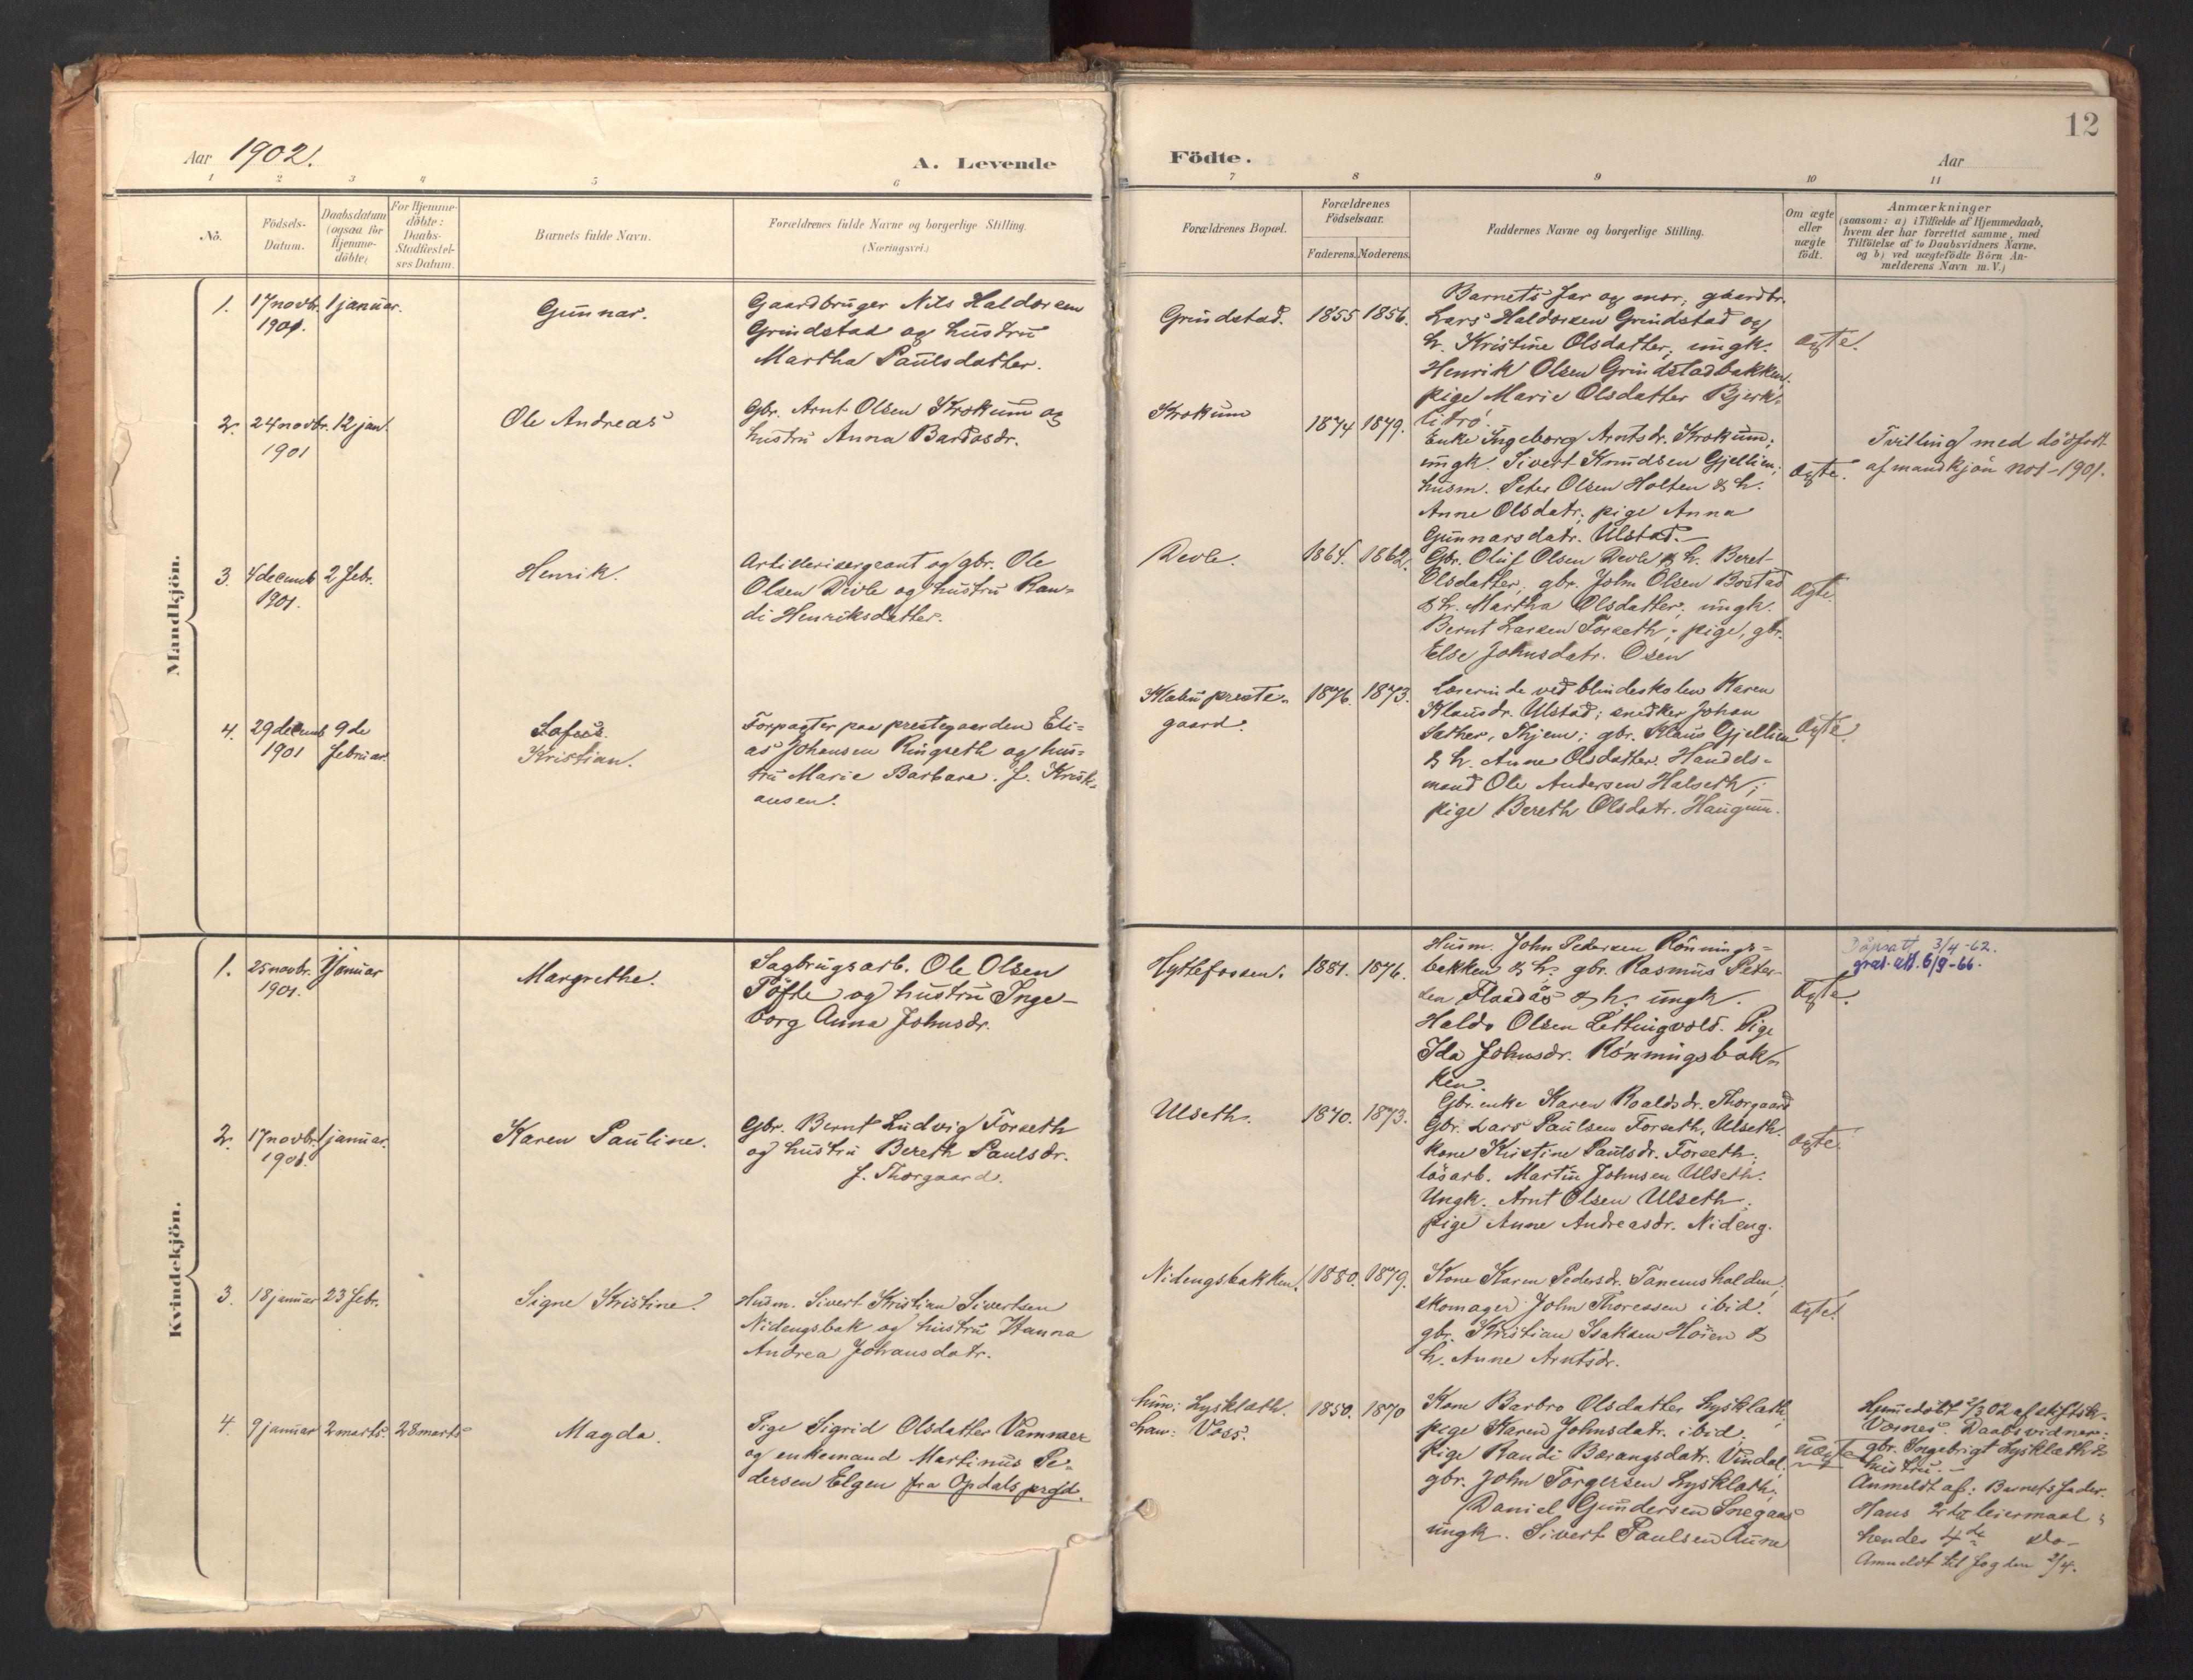 SAT, Ministerialprotokoller, klokkerbøker og fødselsregistre - Sør-Trøndelag, 618/L0448: Ministerialbok nr. 618A11, 1898-1916, s. 12